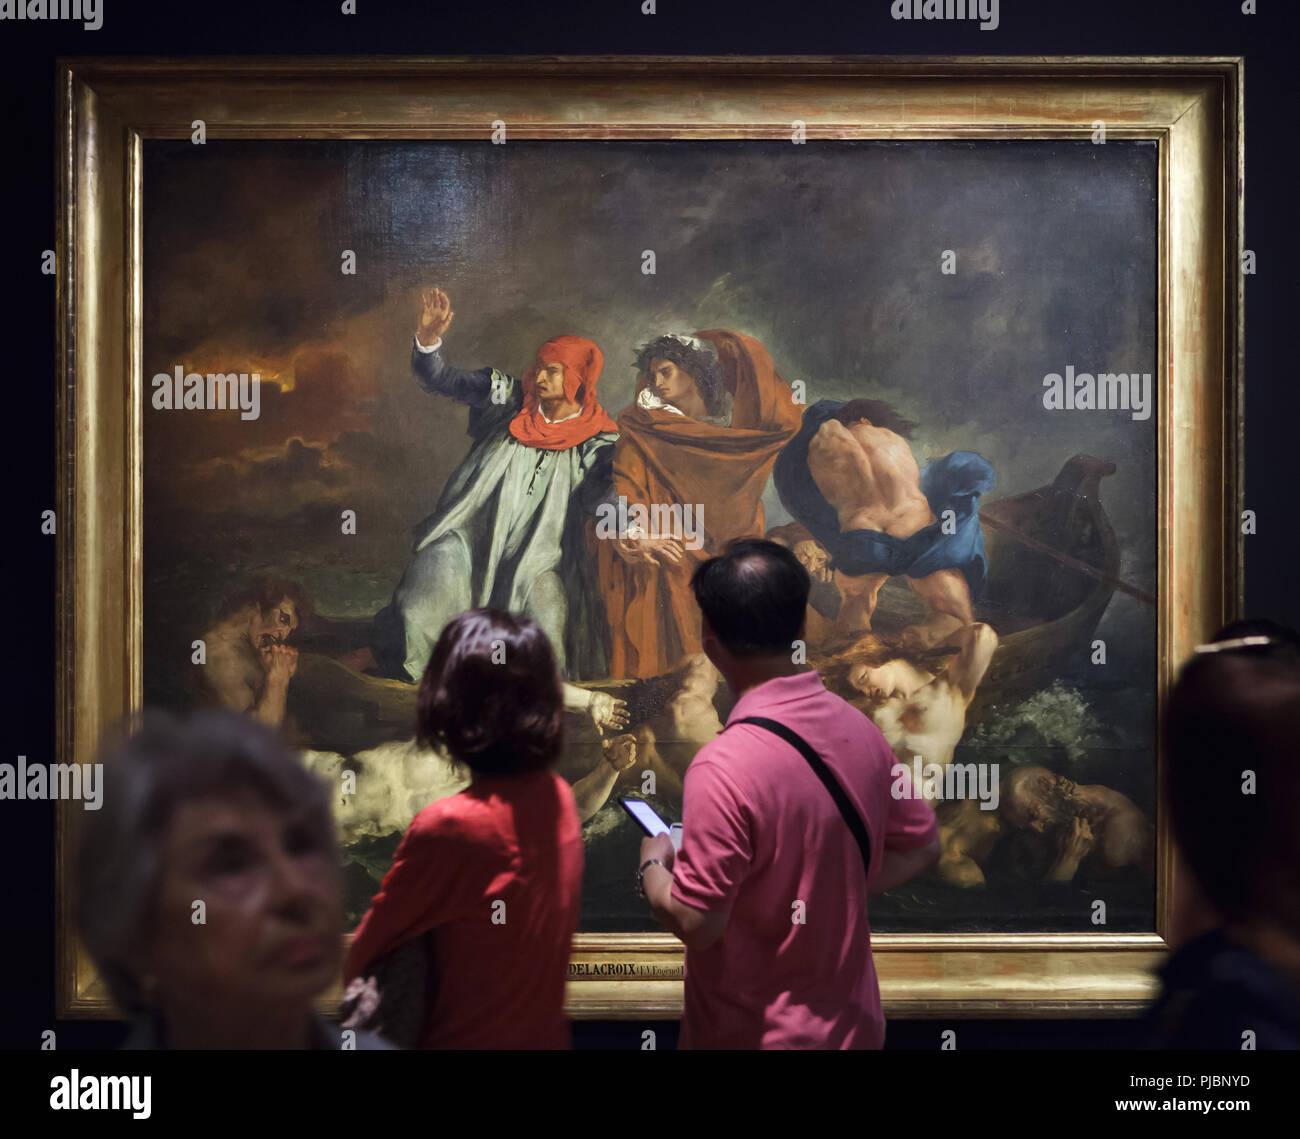 """Besucher vor dem Gemälde """"Der Barke des Dante', das auch als 'Dante und Vergil in der Hölle' durch Französische romantische Maler Eugène Delacroix (1822) bei seiner Retrospektive im Musée du Louvre in Paris, Frankreich angezeigt. Die Ausstellung, die Meisterwerke der Führer der französischen Romantik läuft bis 23. Juli 2018. Stockbild"""